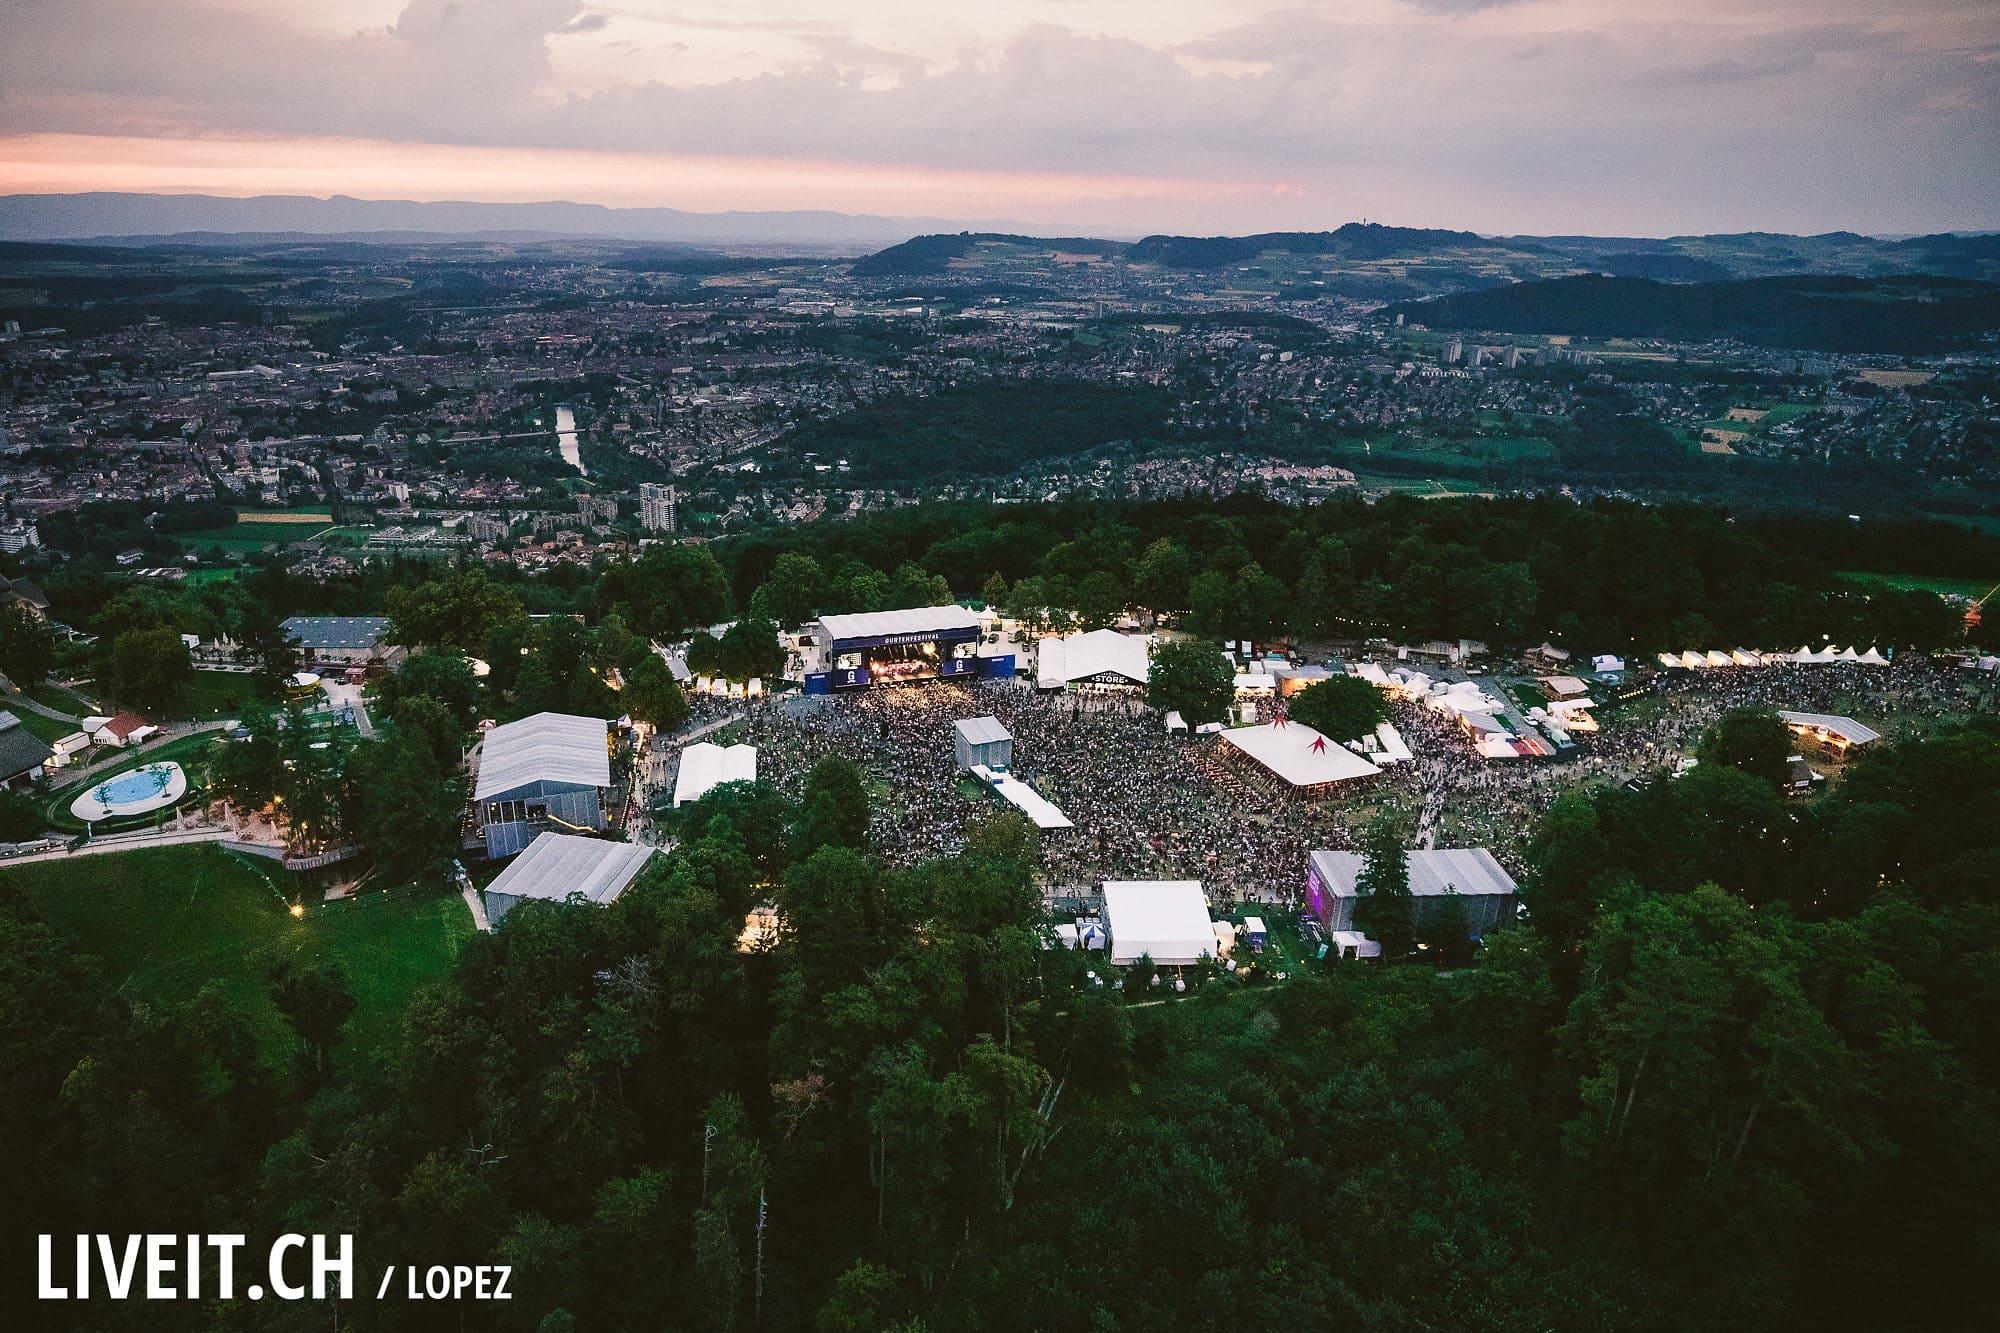 Mø fotografiert am Gurtenfestival 2018 in Bern. (Manuel Lopez for Gurtenfestival)